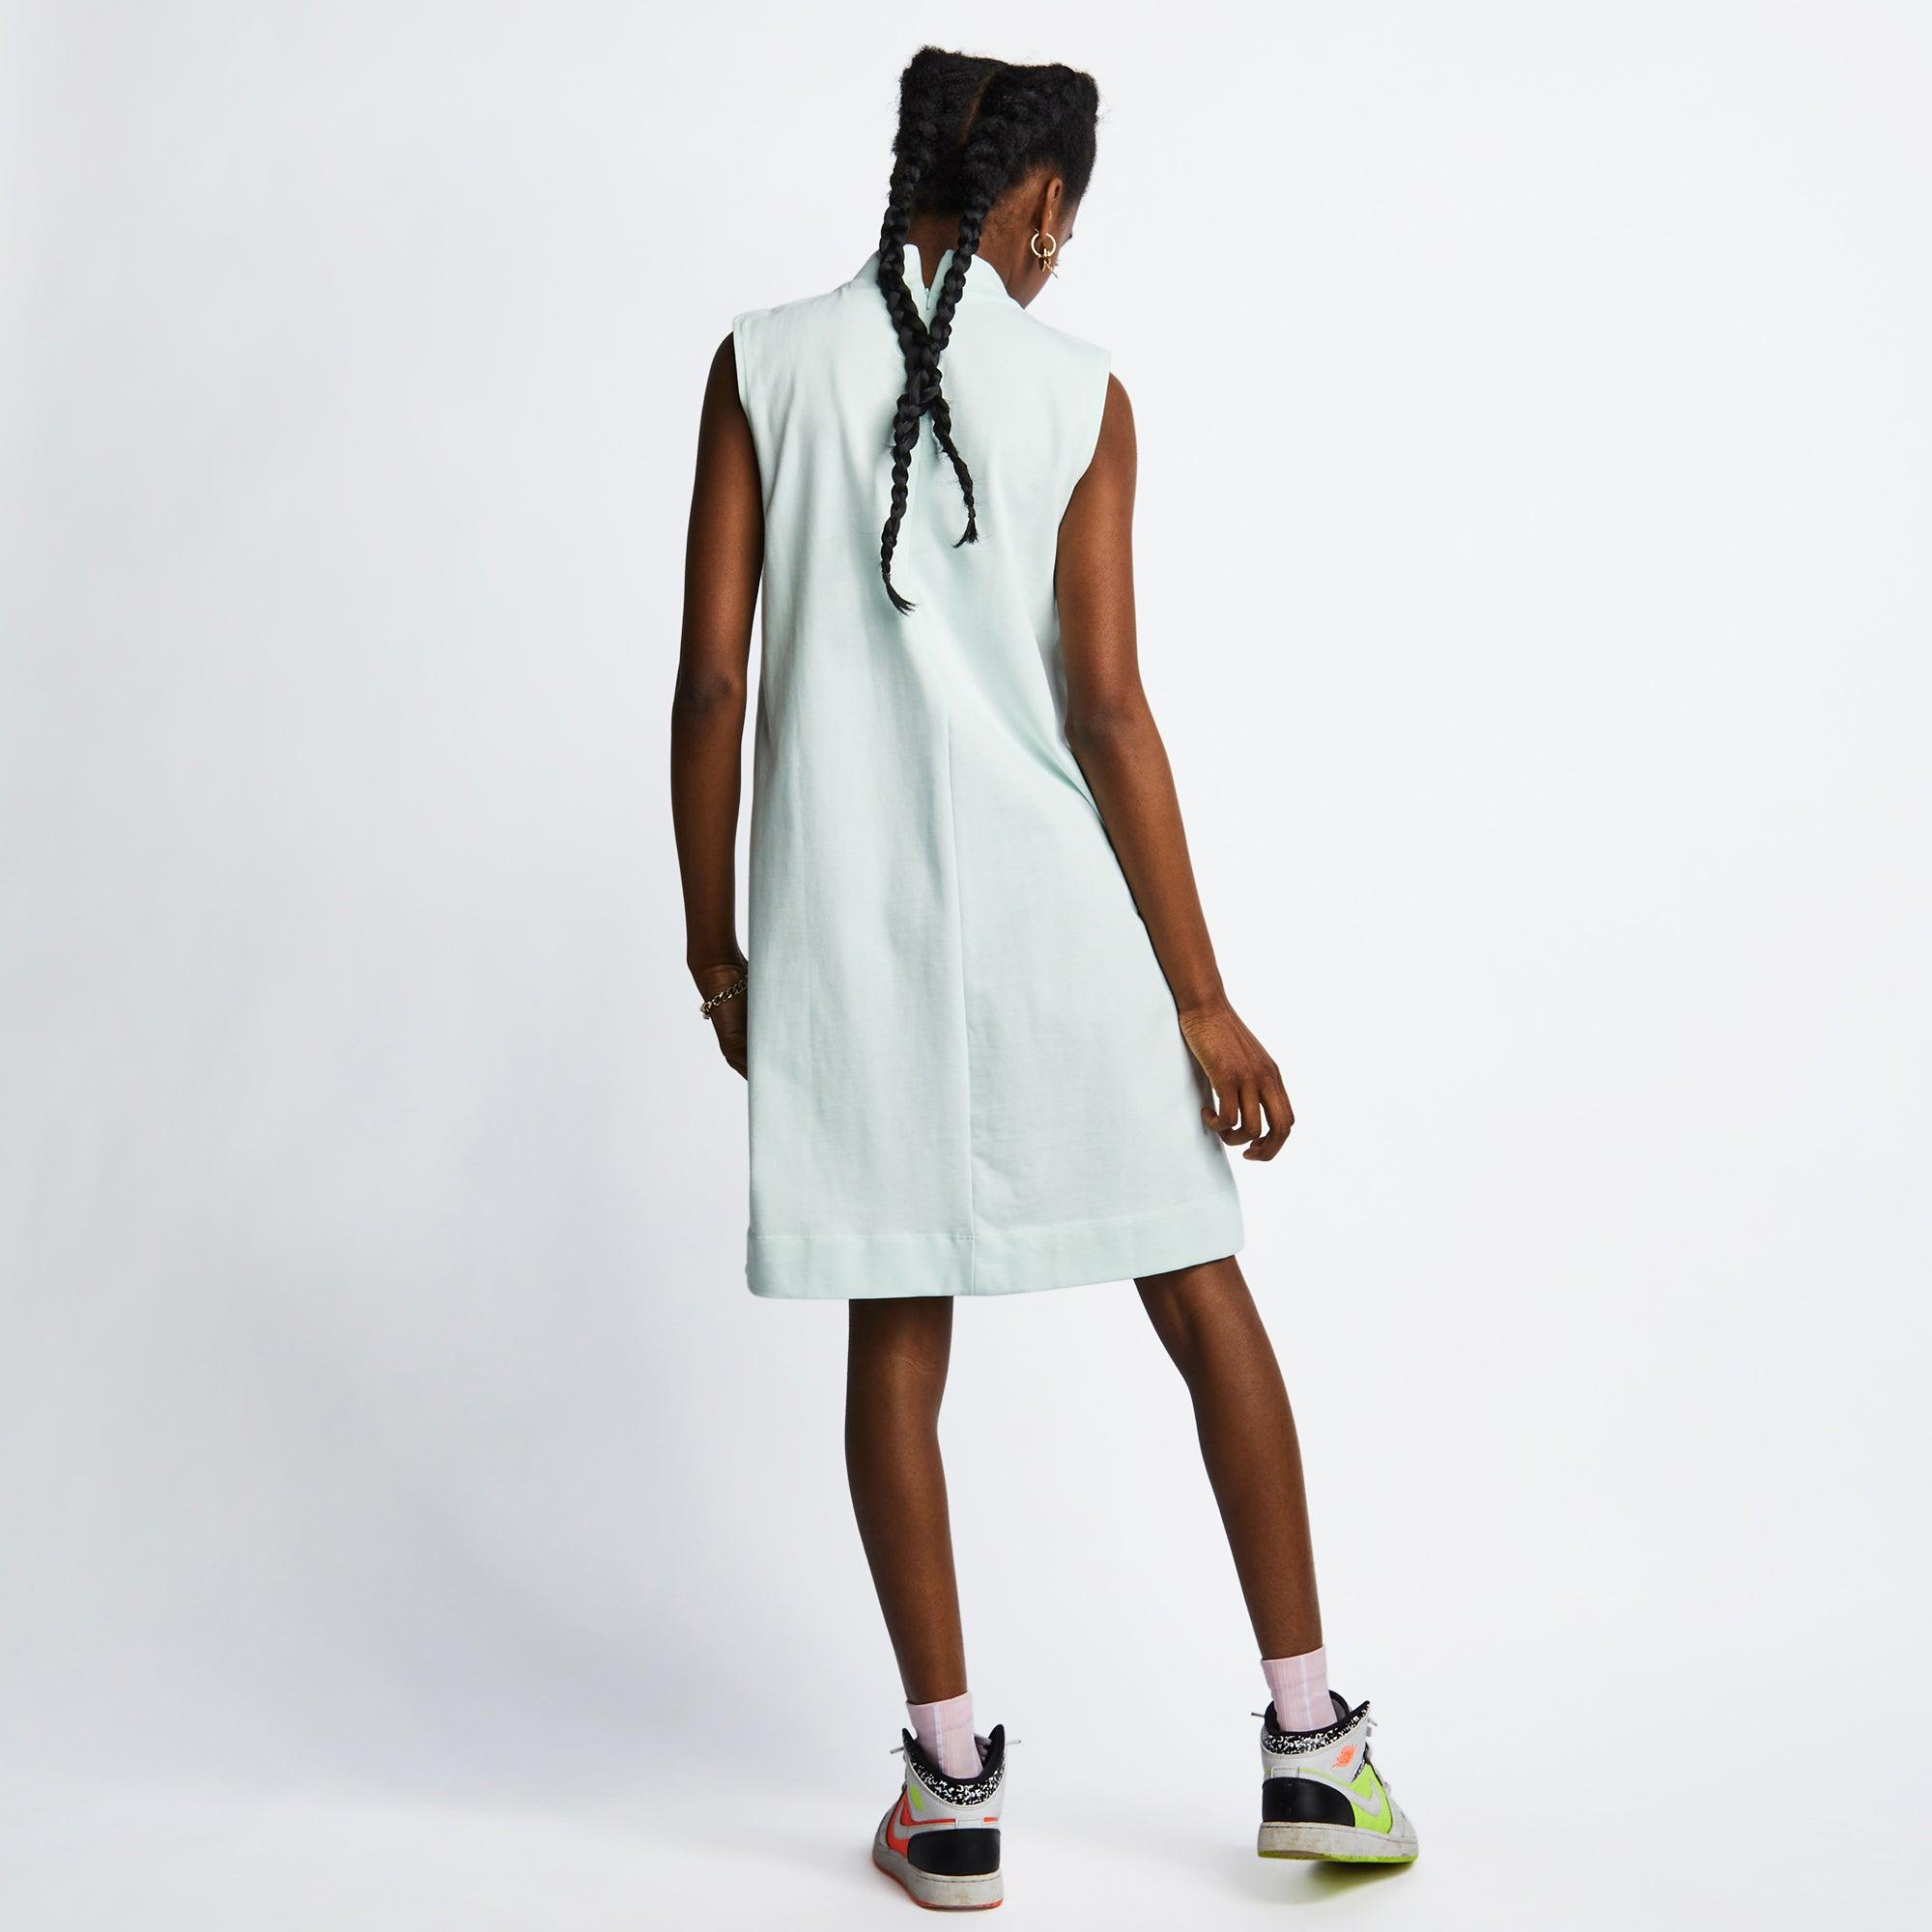 Nike Icon Clash - Women Dresses - Image 3 of 4 Enlarged Image